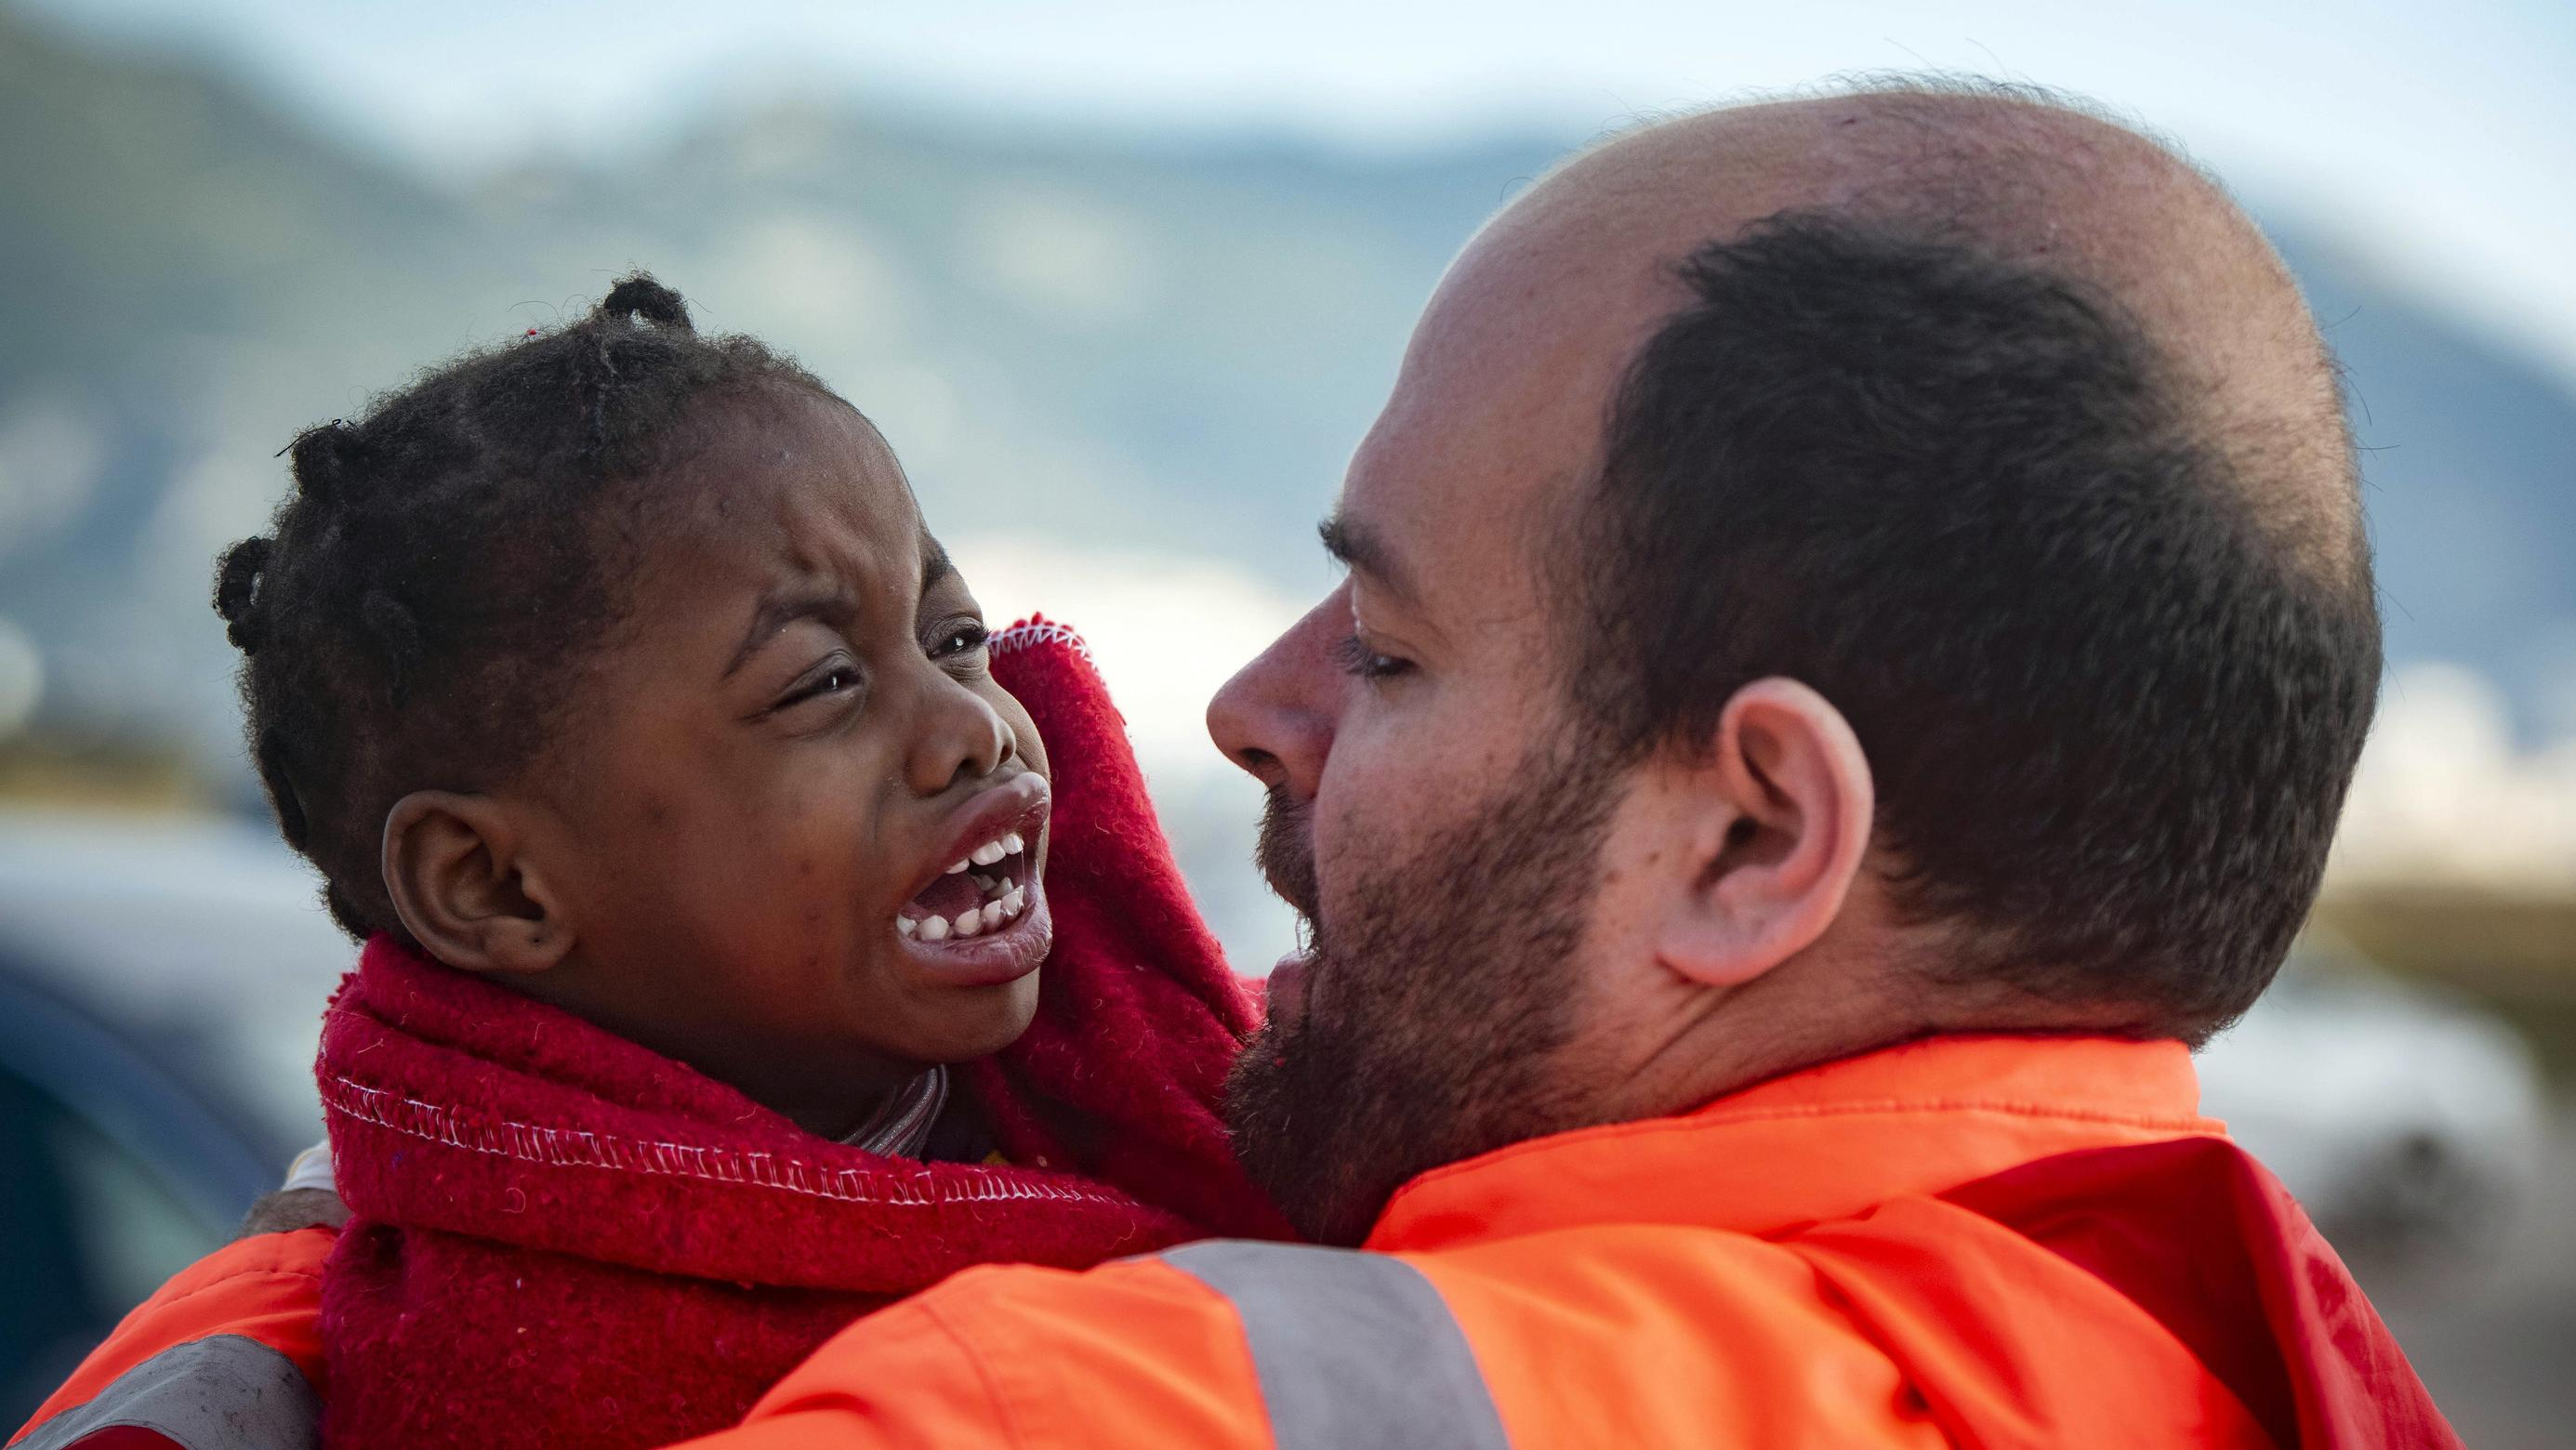 Oktober 2018: Ein Mitarbeiter des spanischen Seenotrettungsdienstes hält ein weinendes Kind im Arm.